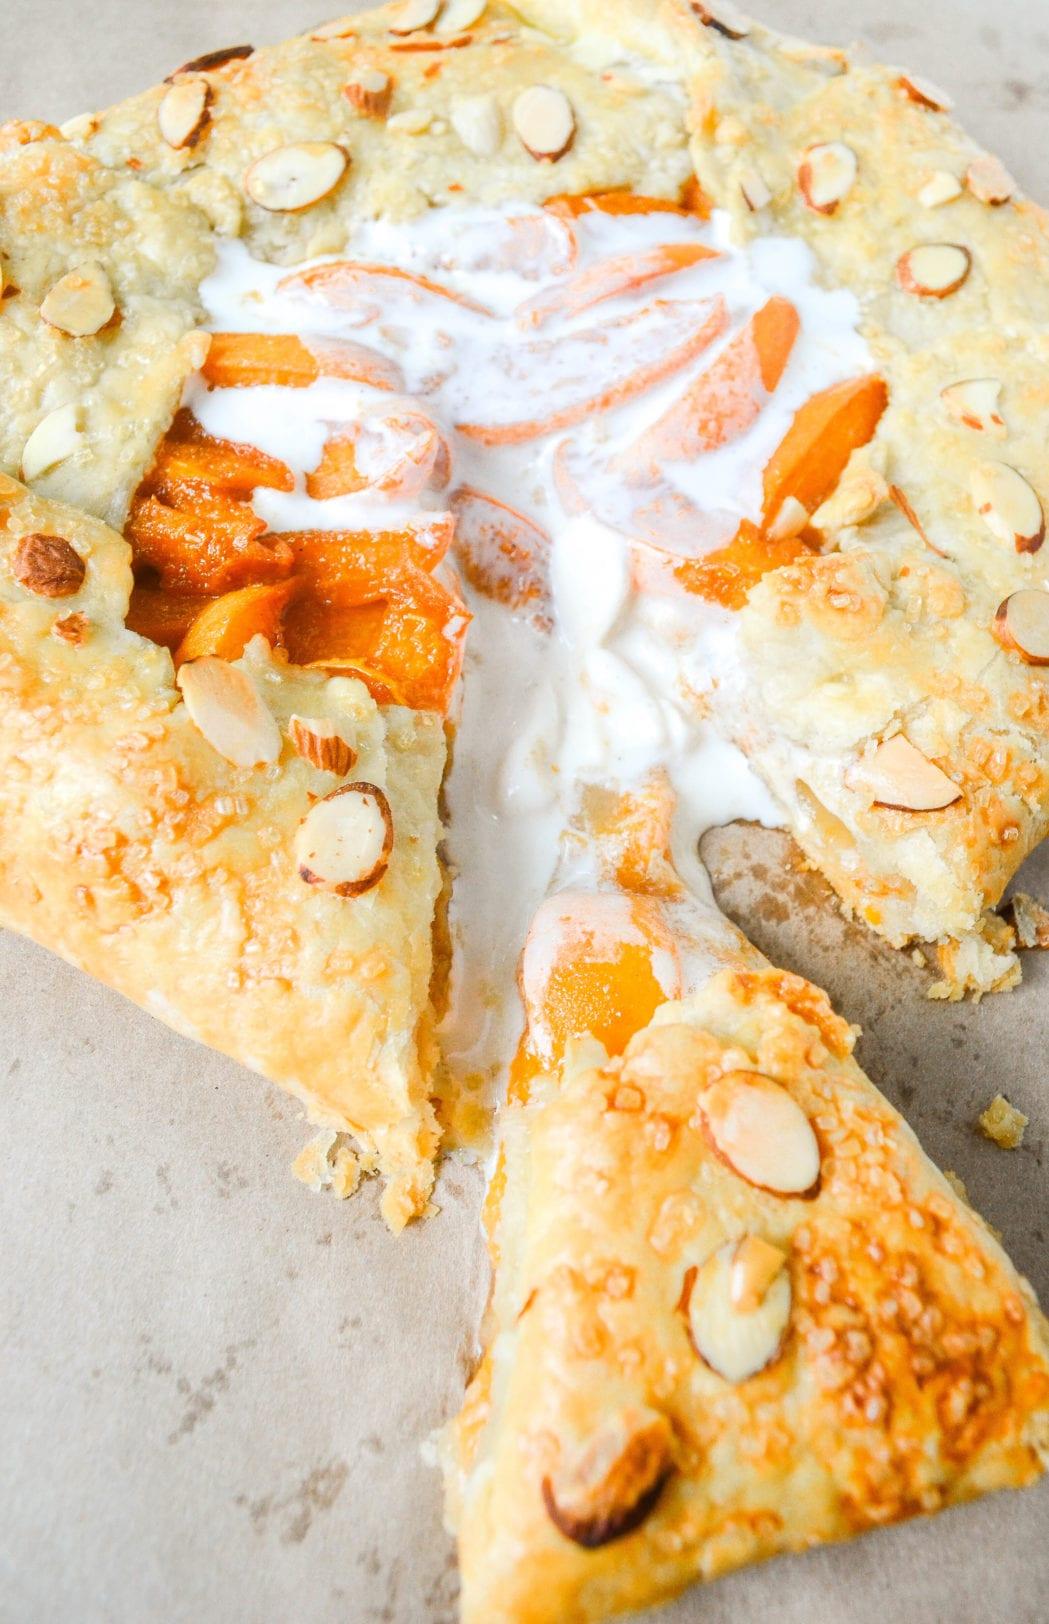 Cardamom-Spiced Apricot Almond Galette